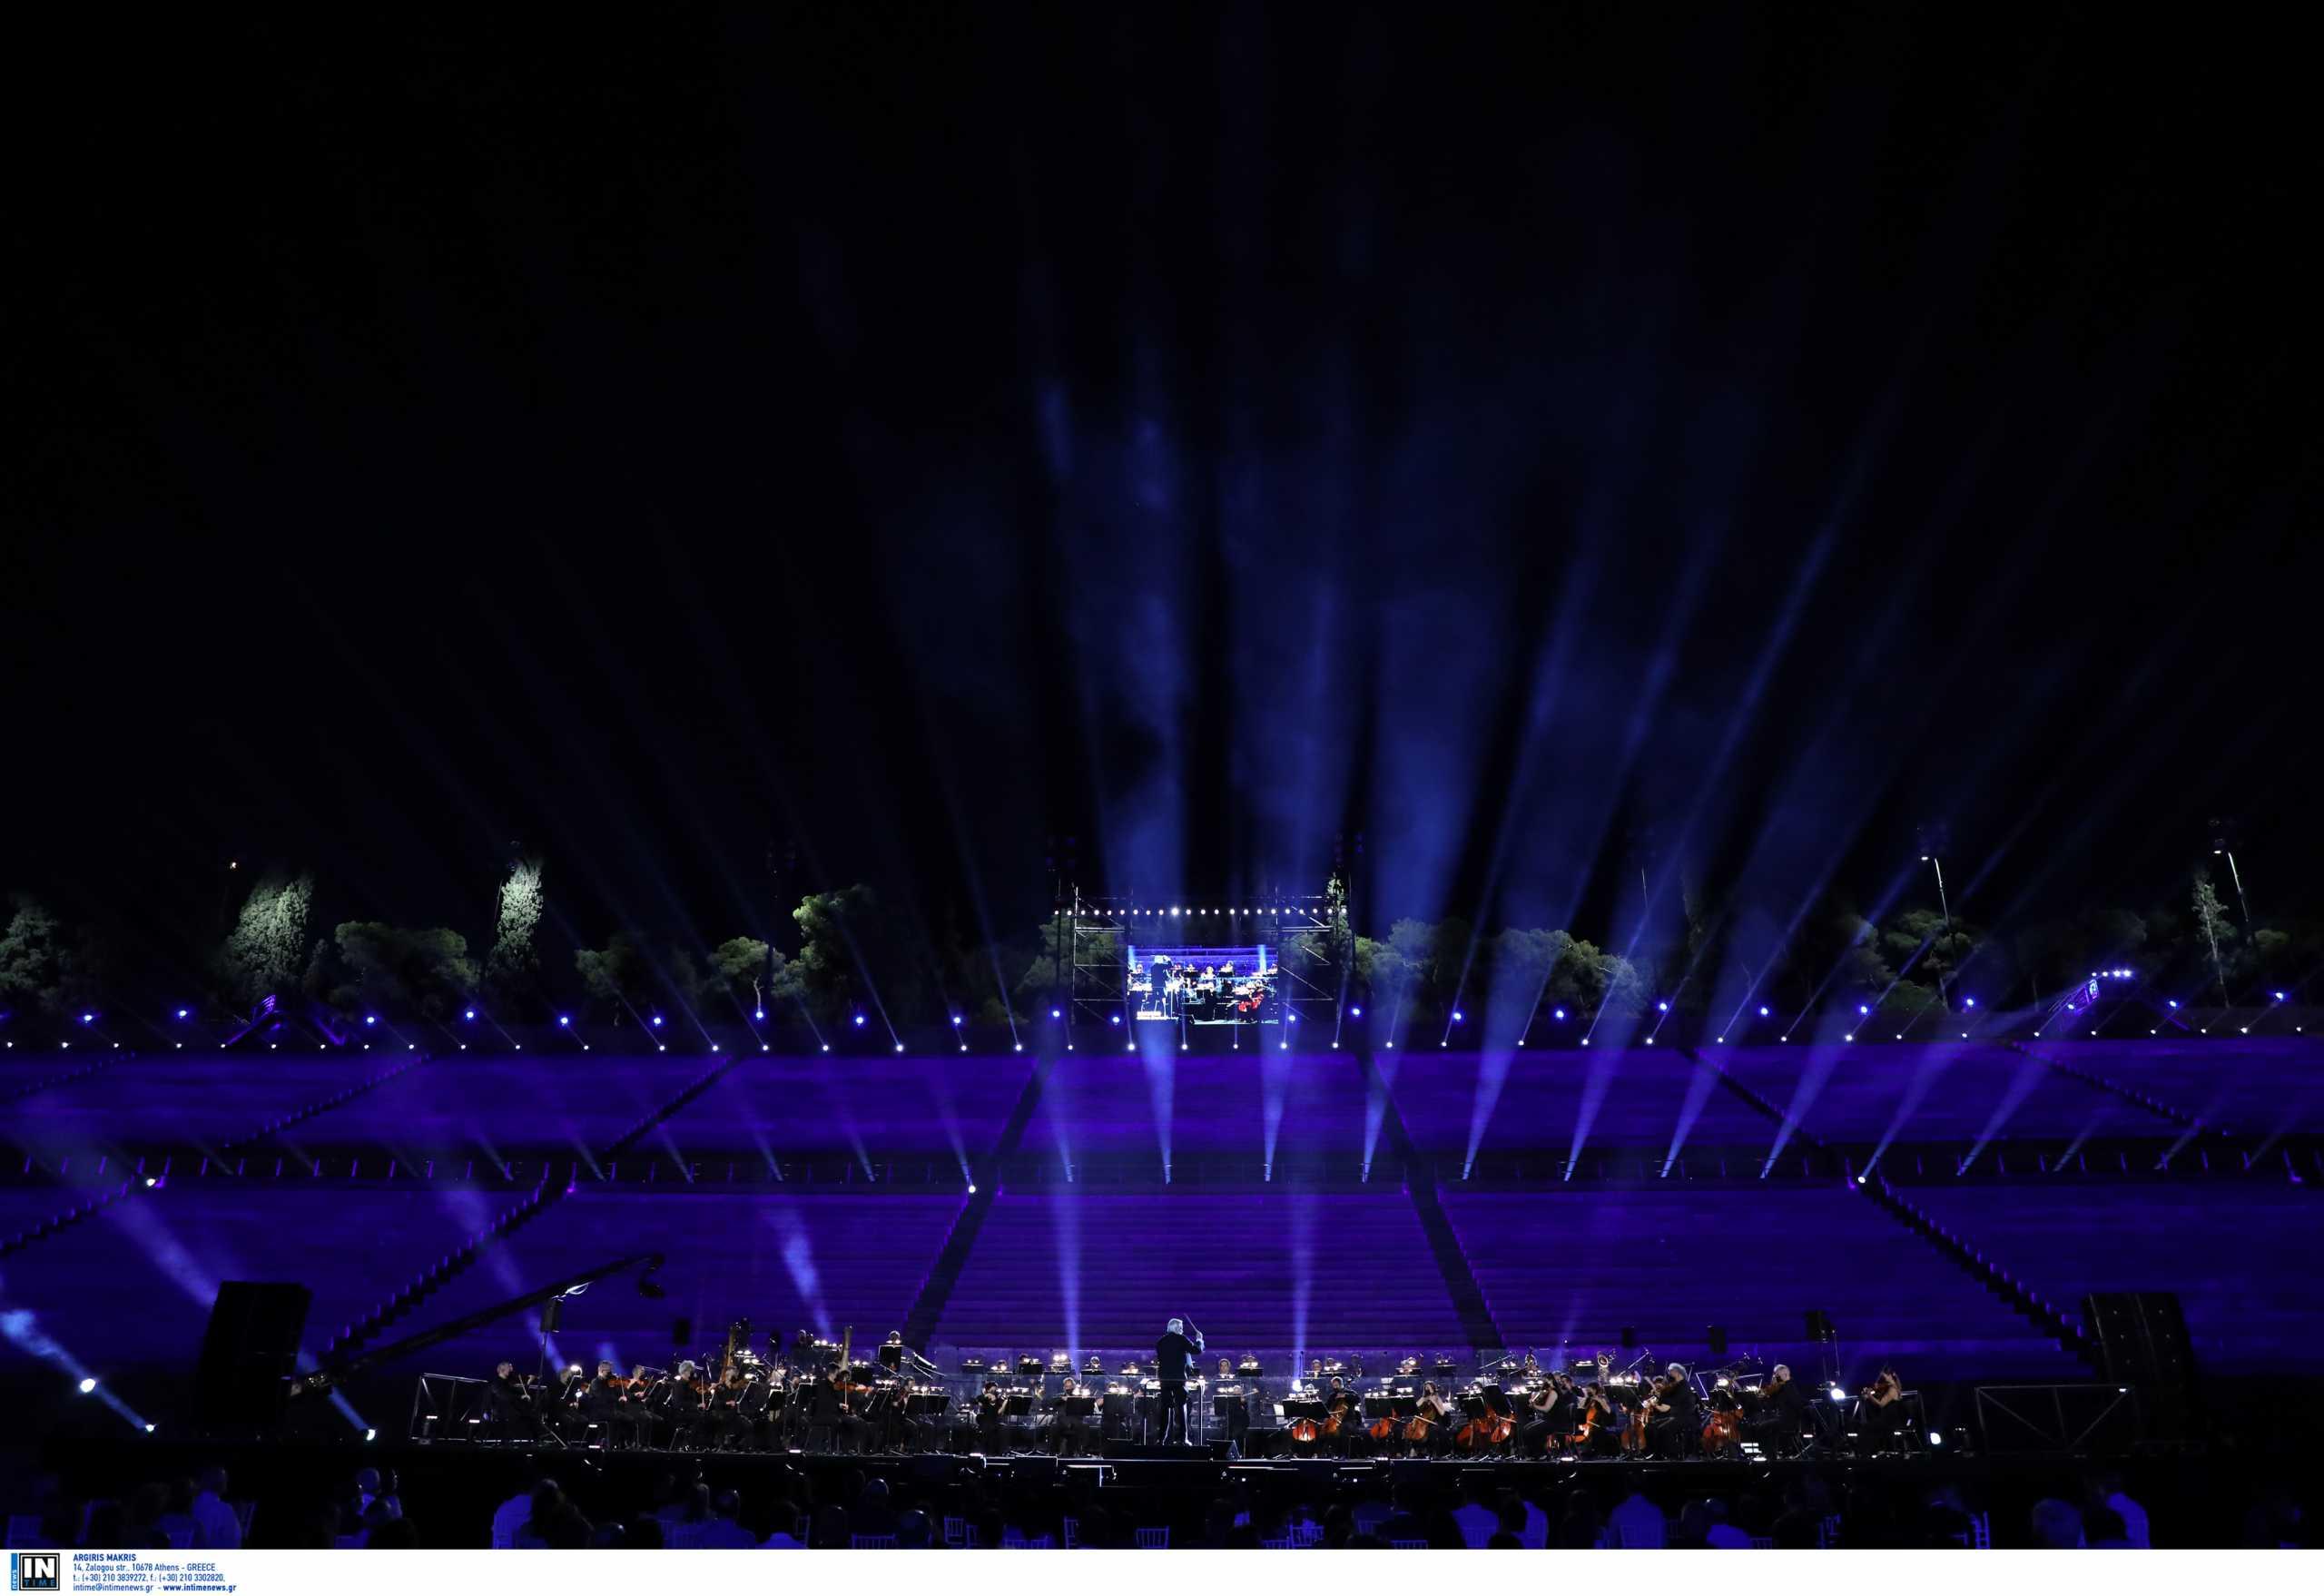 Αποθέωση από 8.000 θεατές για Νετρέμπκο, Ρατσβελισβίλι, Εϊβάζοφ, Πλατανιά στο Καλλιμάρμαρο χθες βράδυ